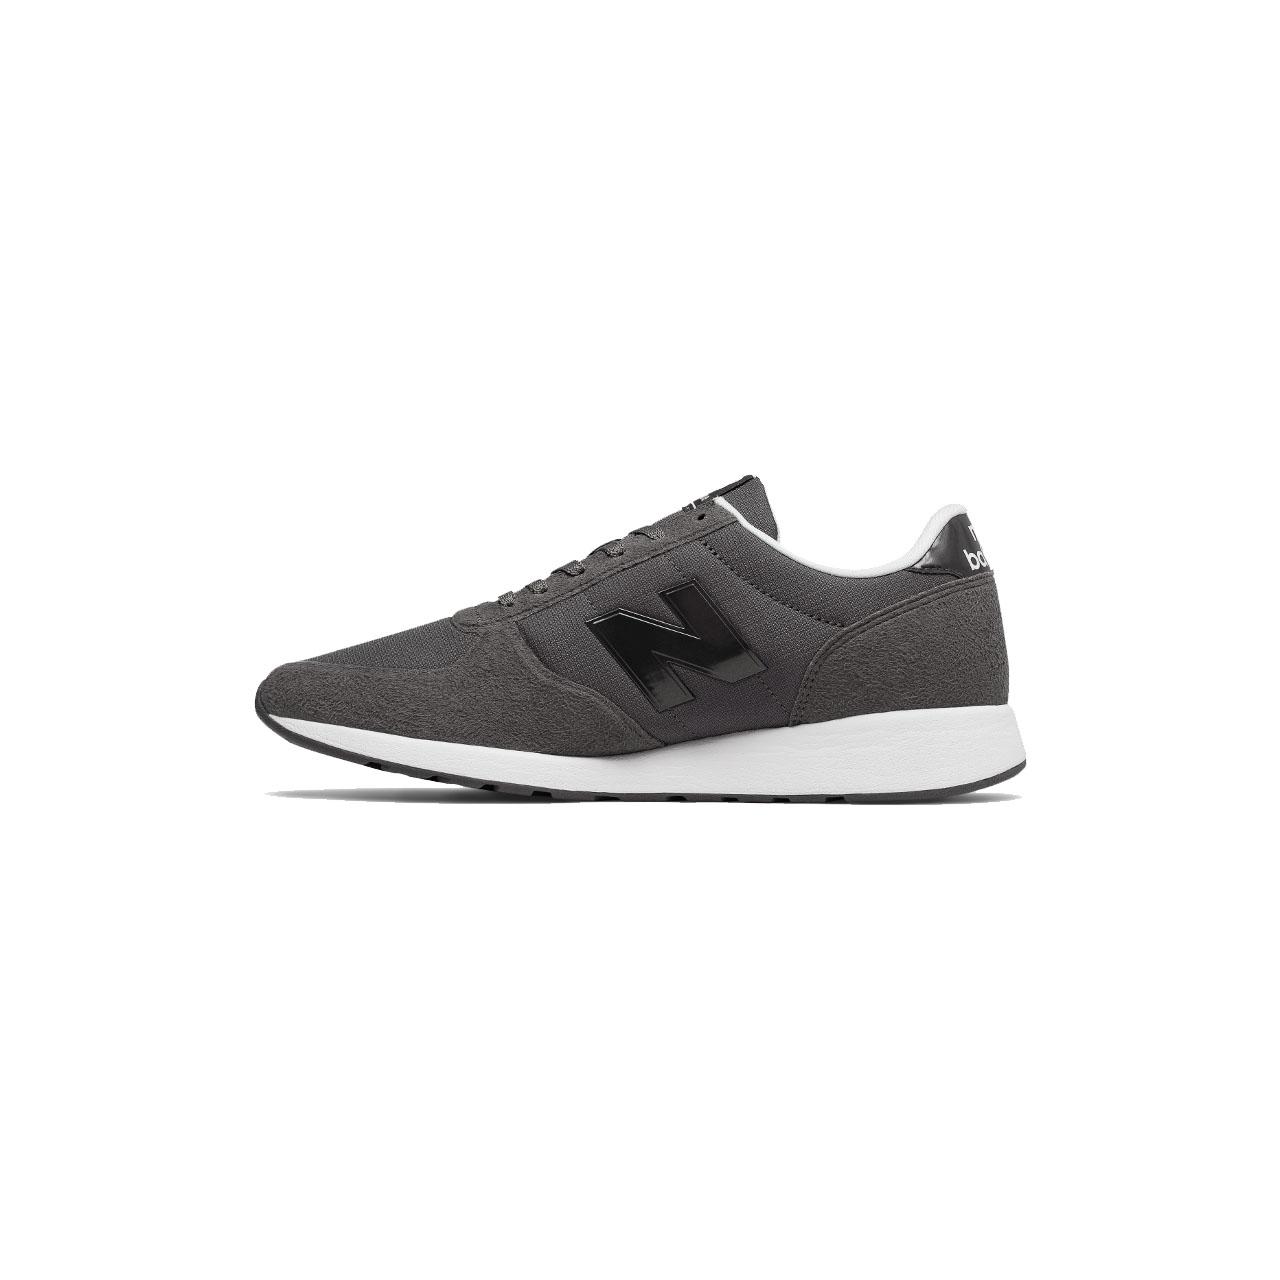 قیمت کفش مخصوص پیاده روی مردانه نیوبالانس مدل MS215MR